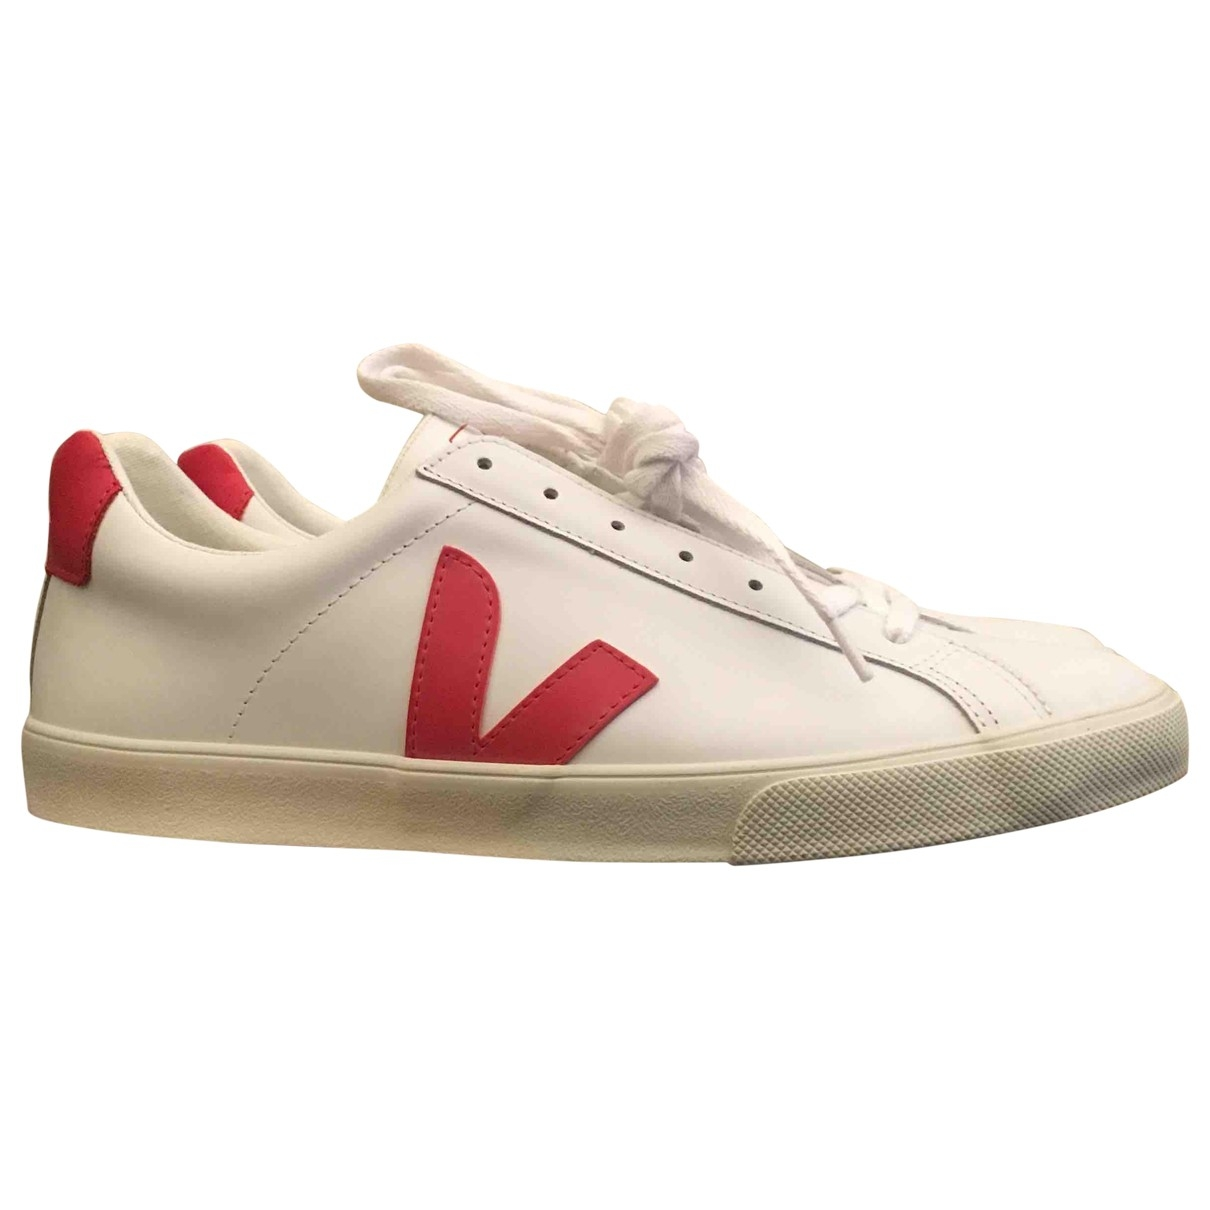 Veja - Baskets   pour homme en cuir - blanc